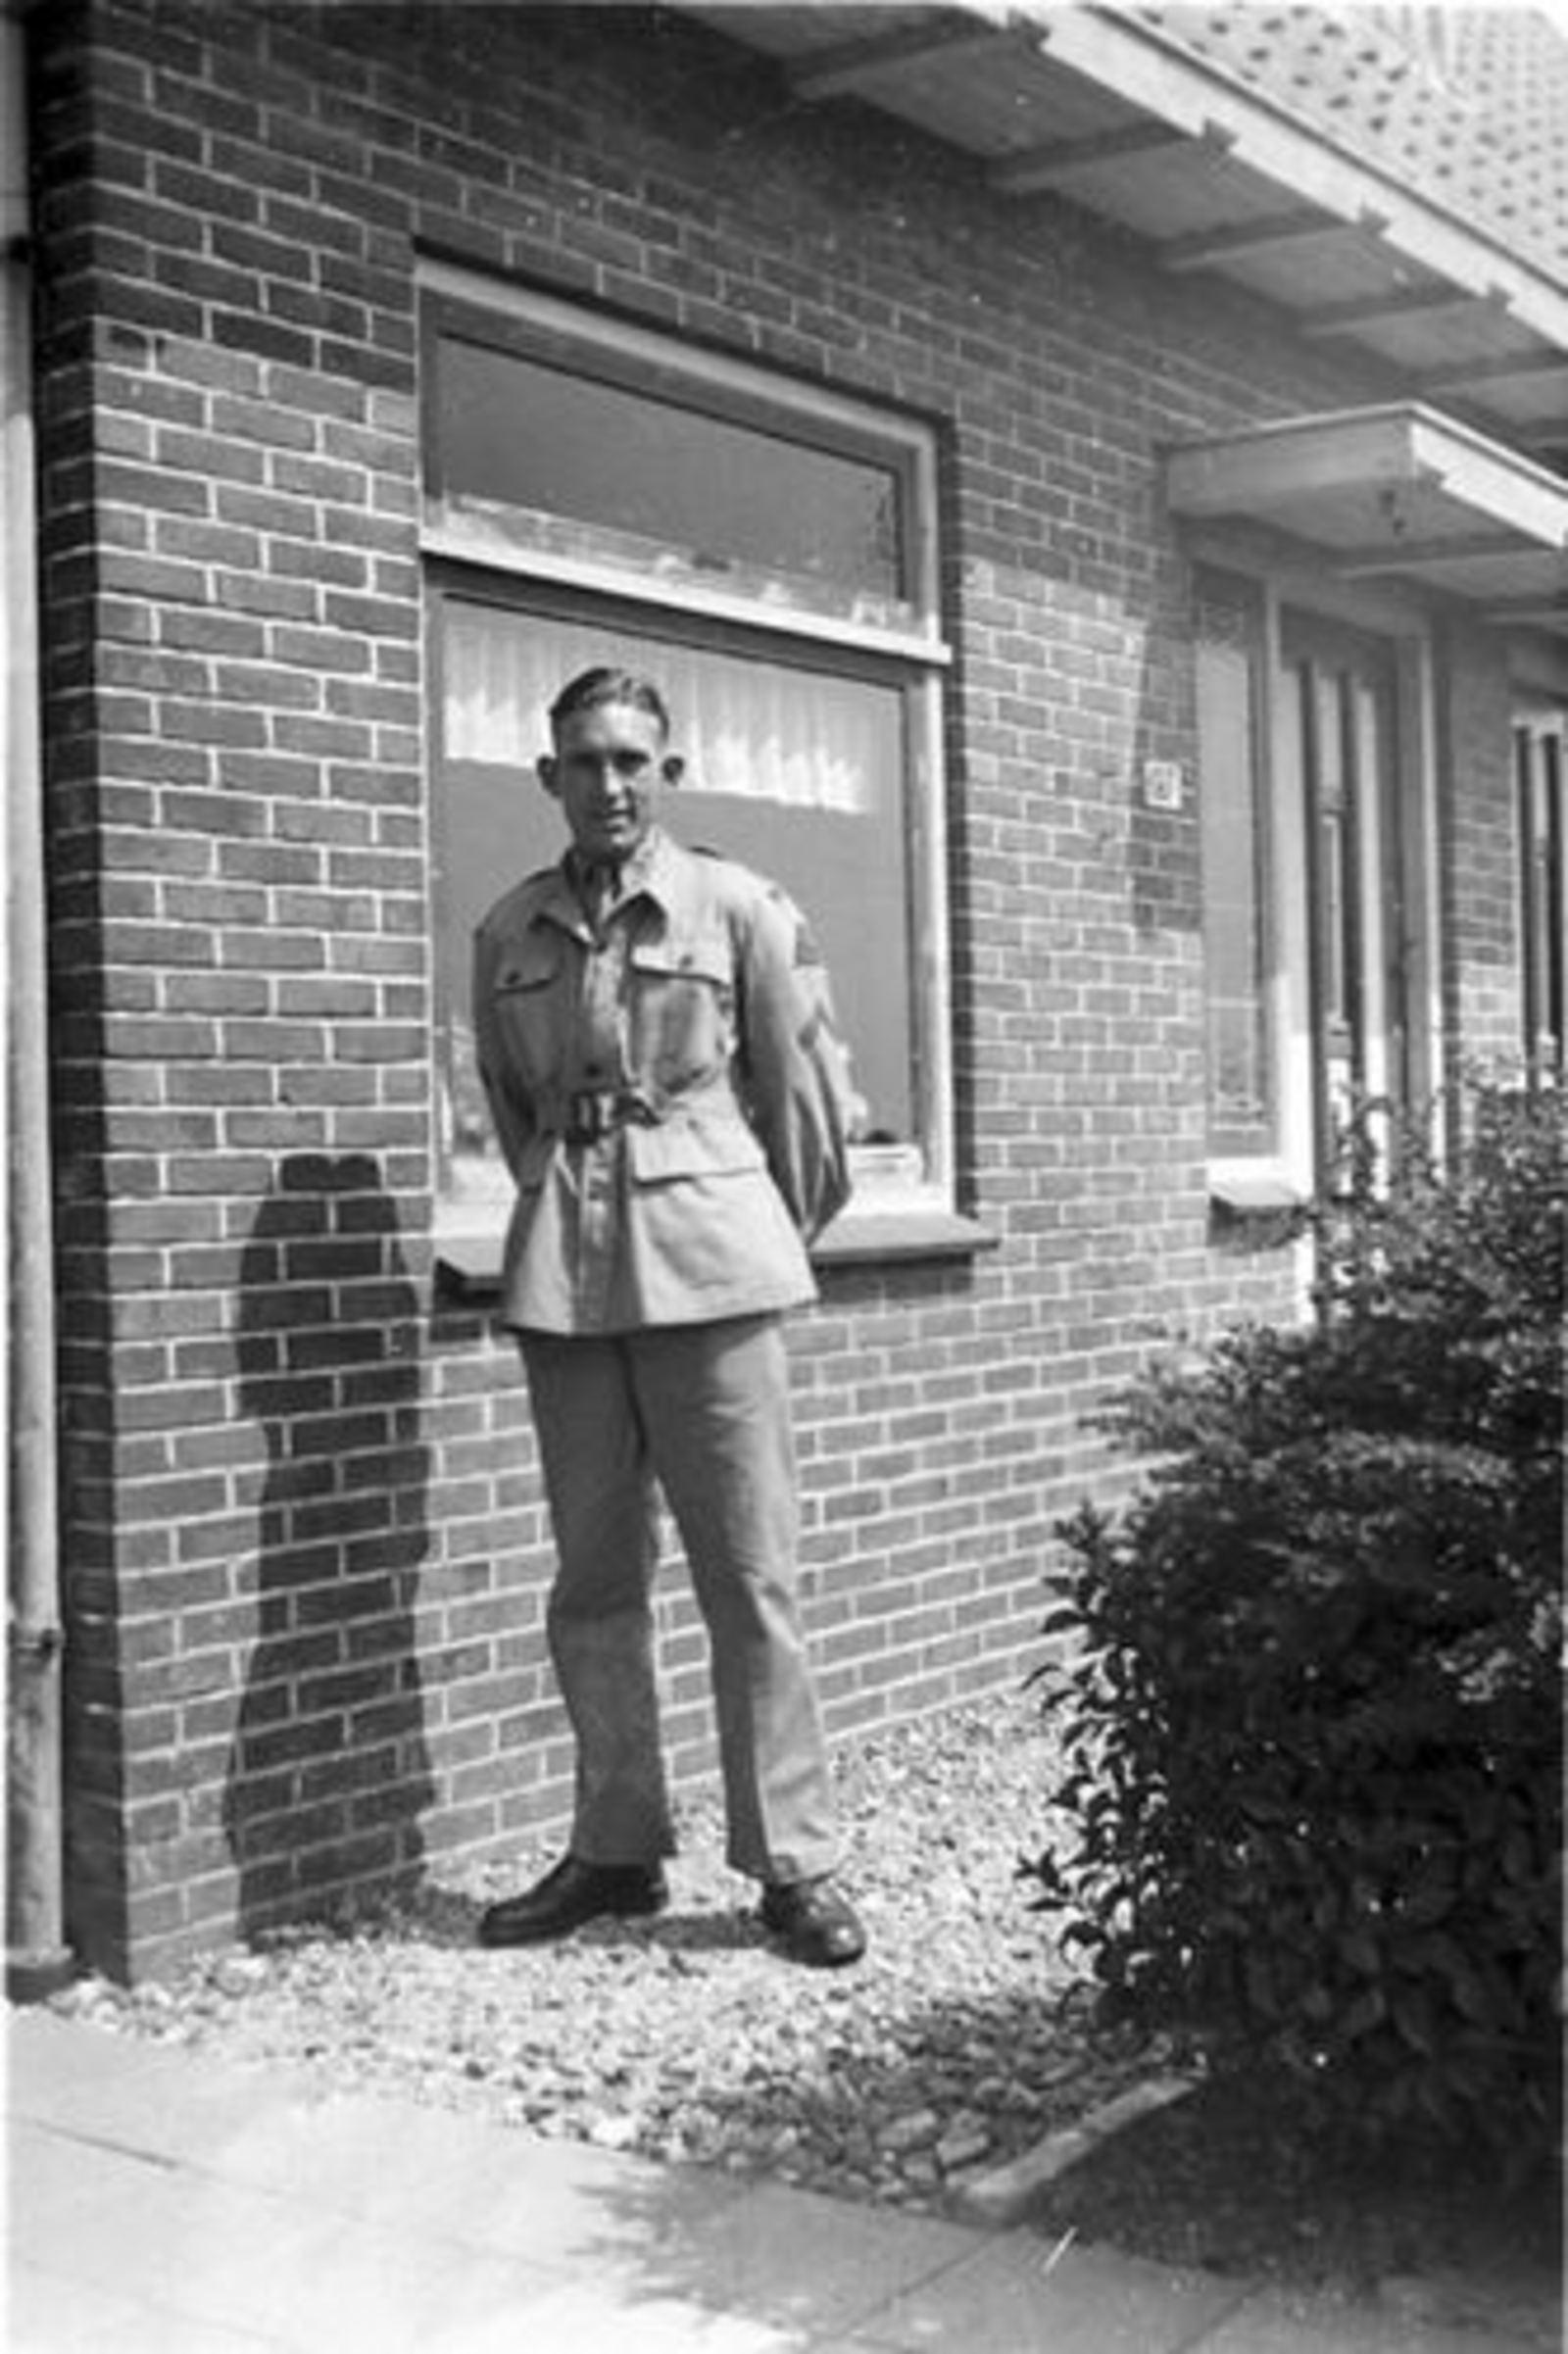 Vijfhuizerweg N 0197 1950± Anton vd Steeg Soldaat 11